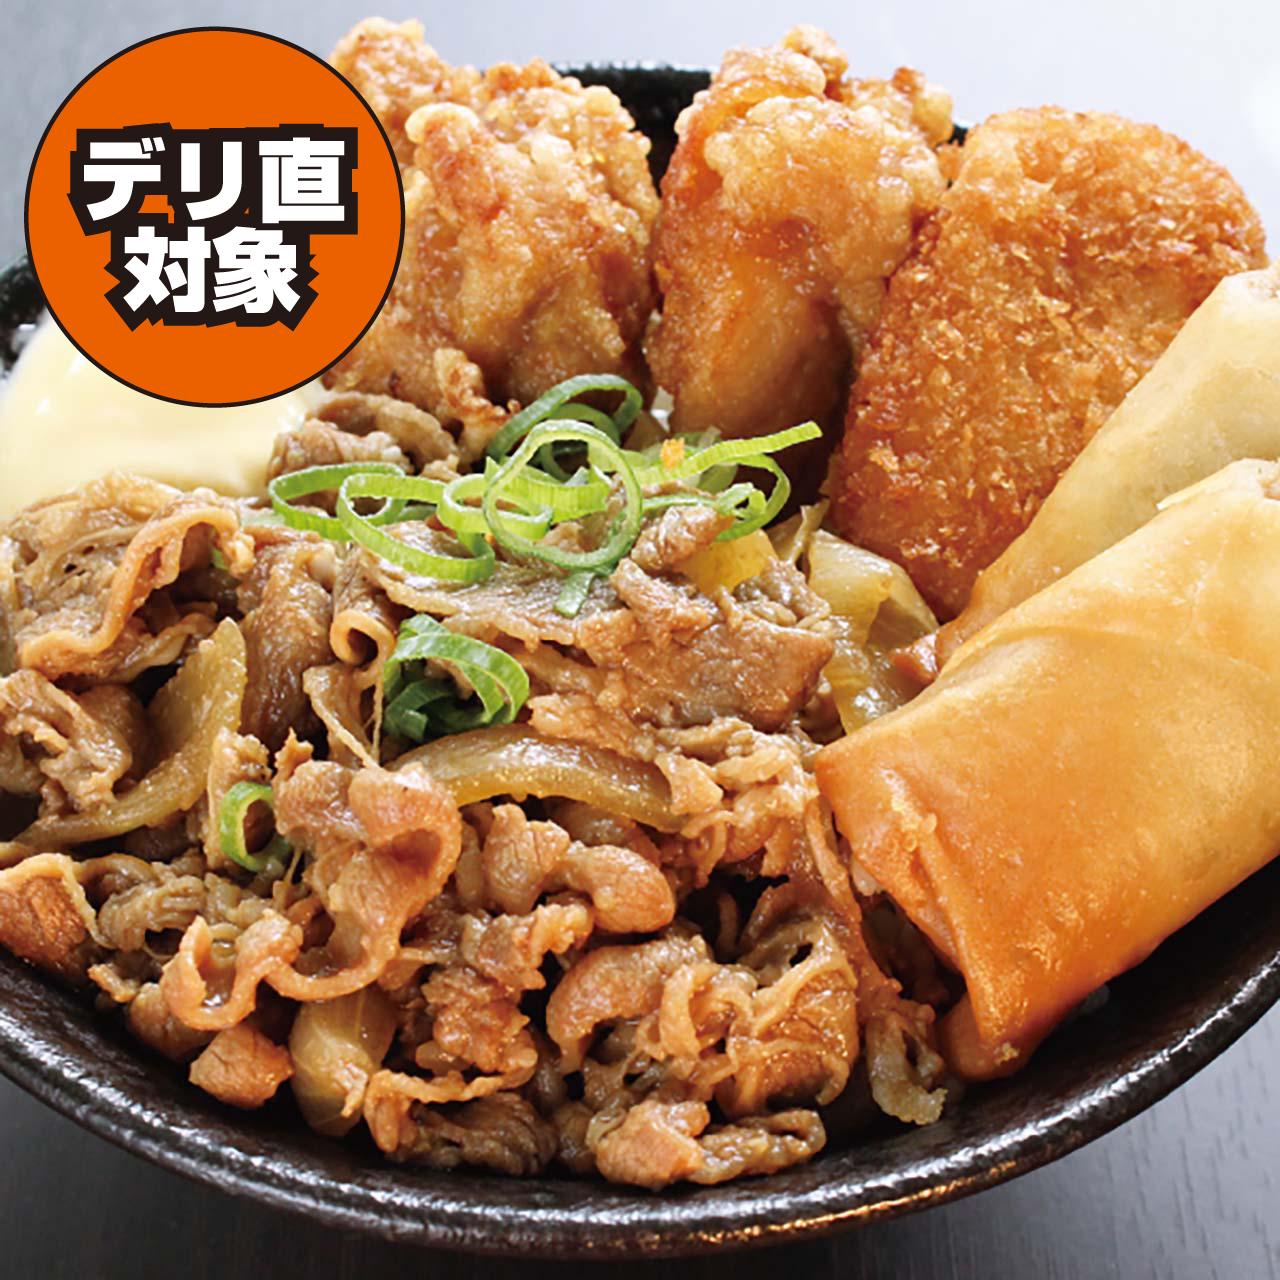 しょうが焼き丼(500)(唐揚2+コロッケ1+春巻1)